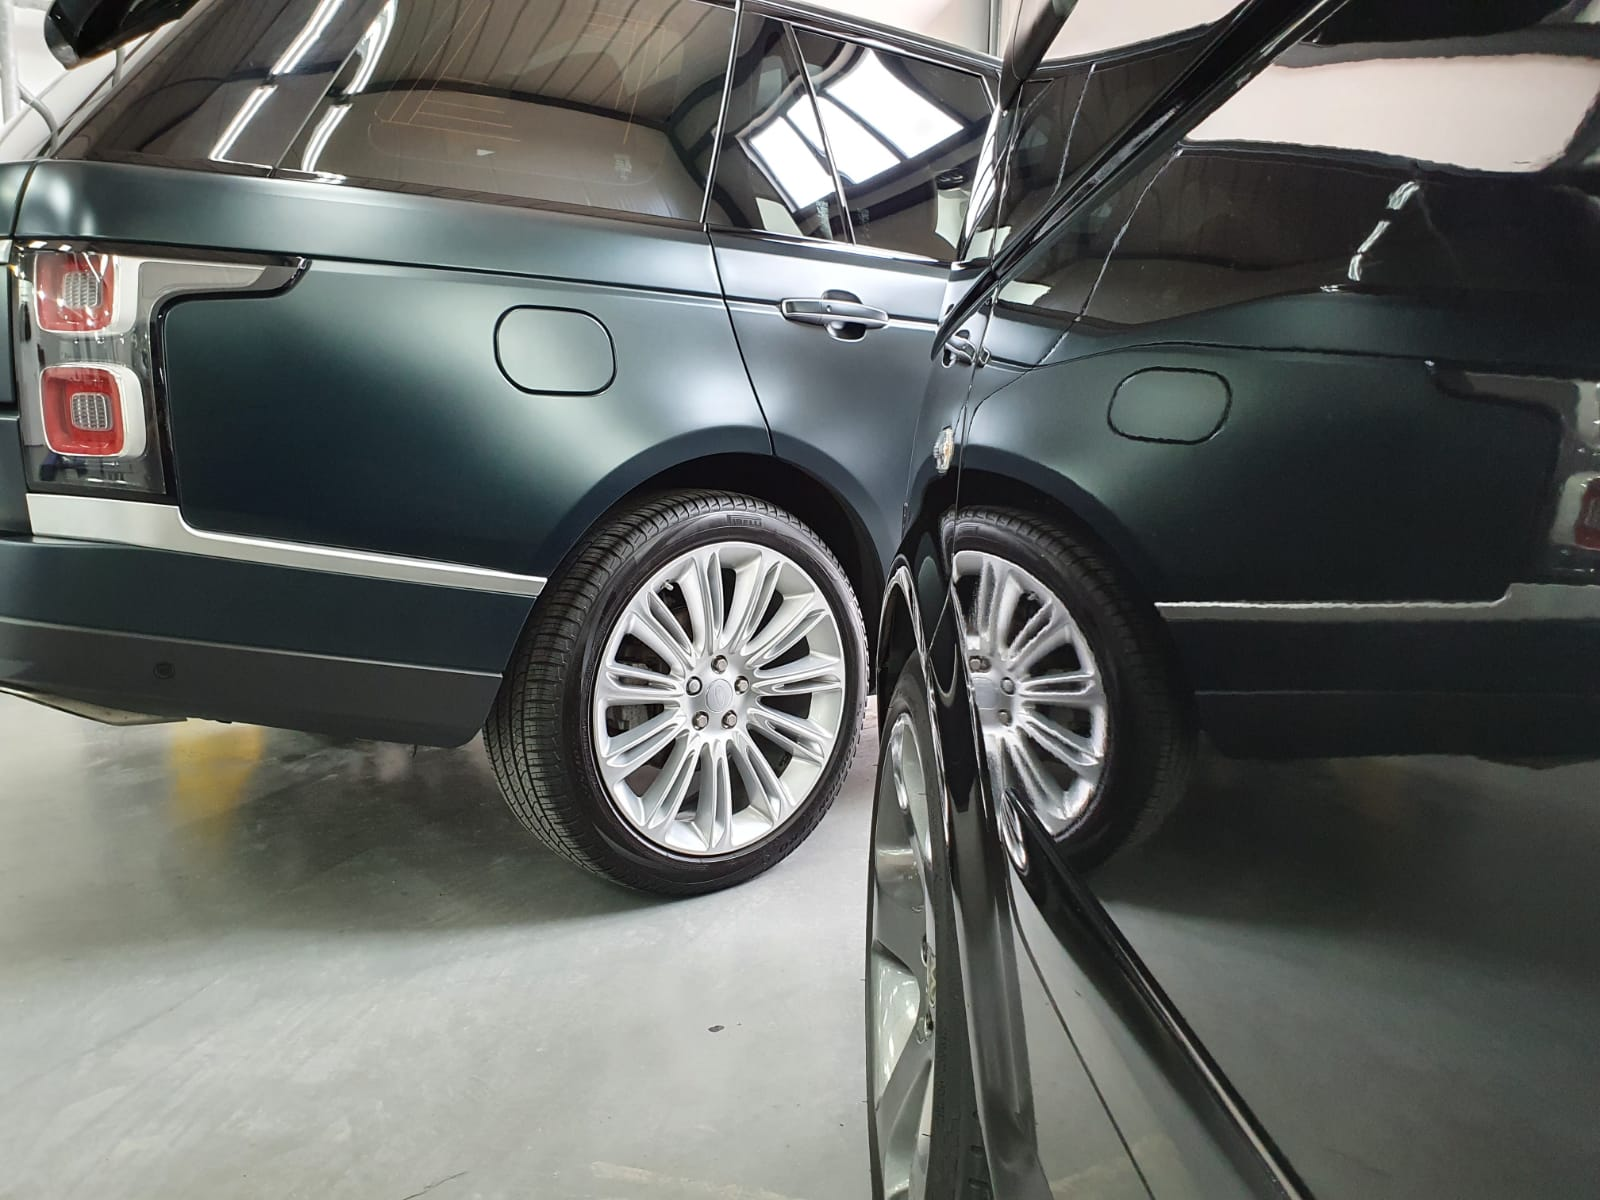 Range Rover glascoating